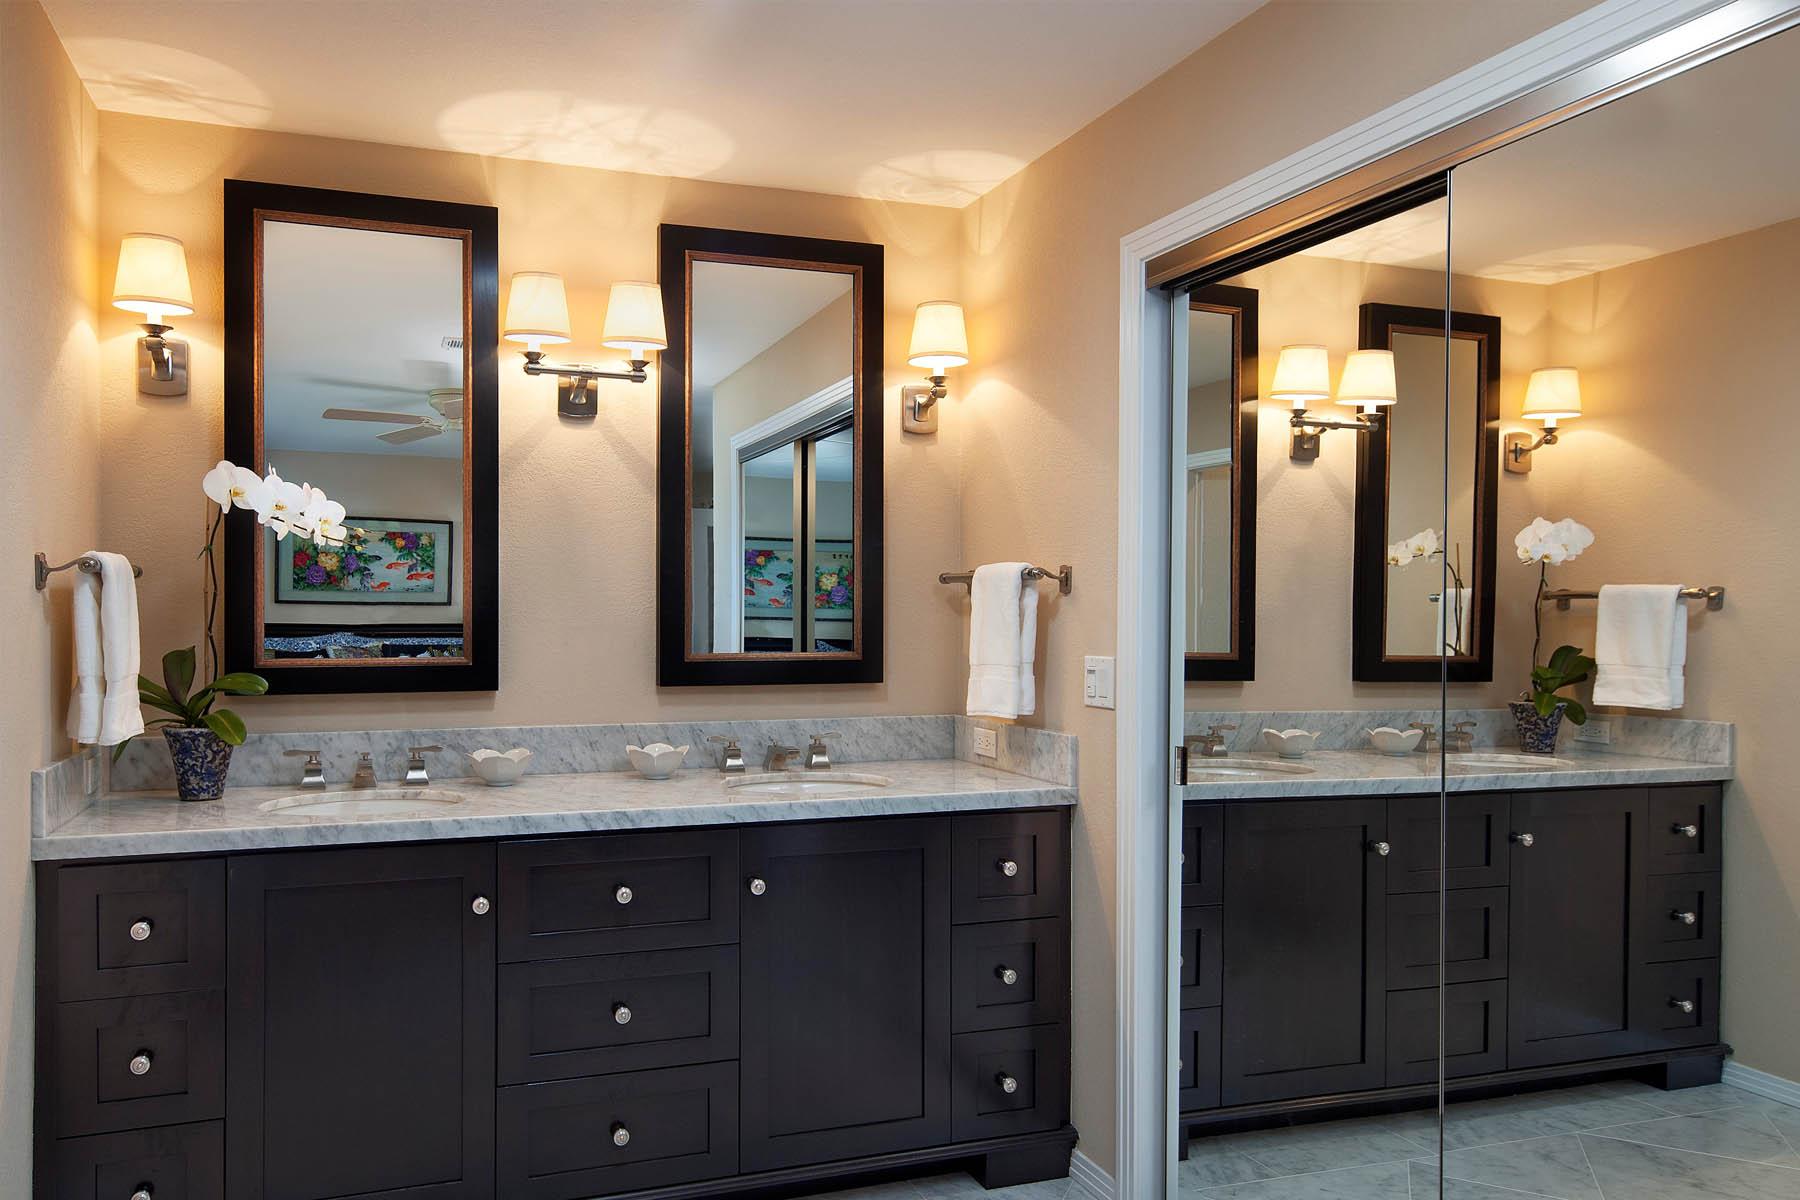 Gates bathroom